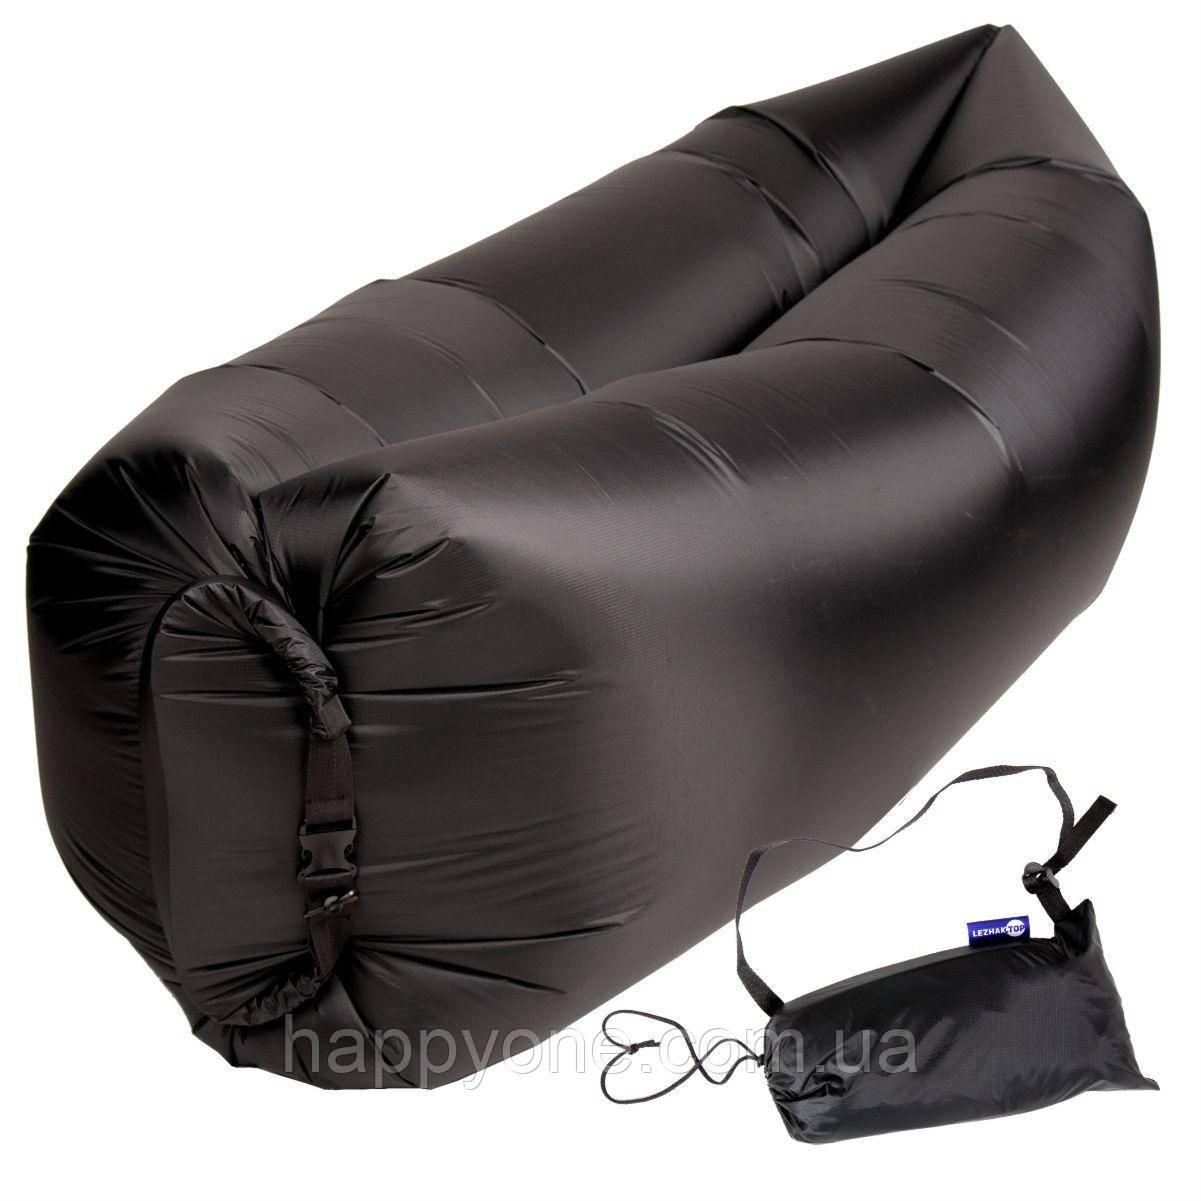 Бескамерный надувной шезлонг-лежак RipStop 2.0 (черный)